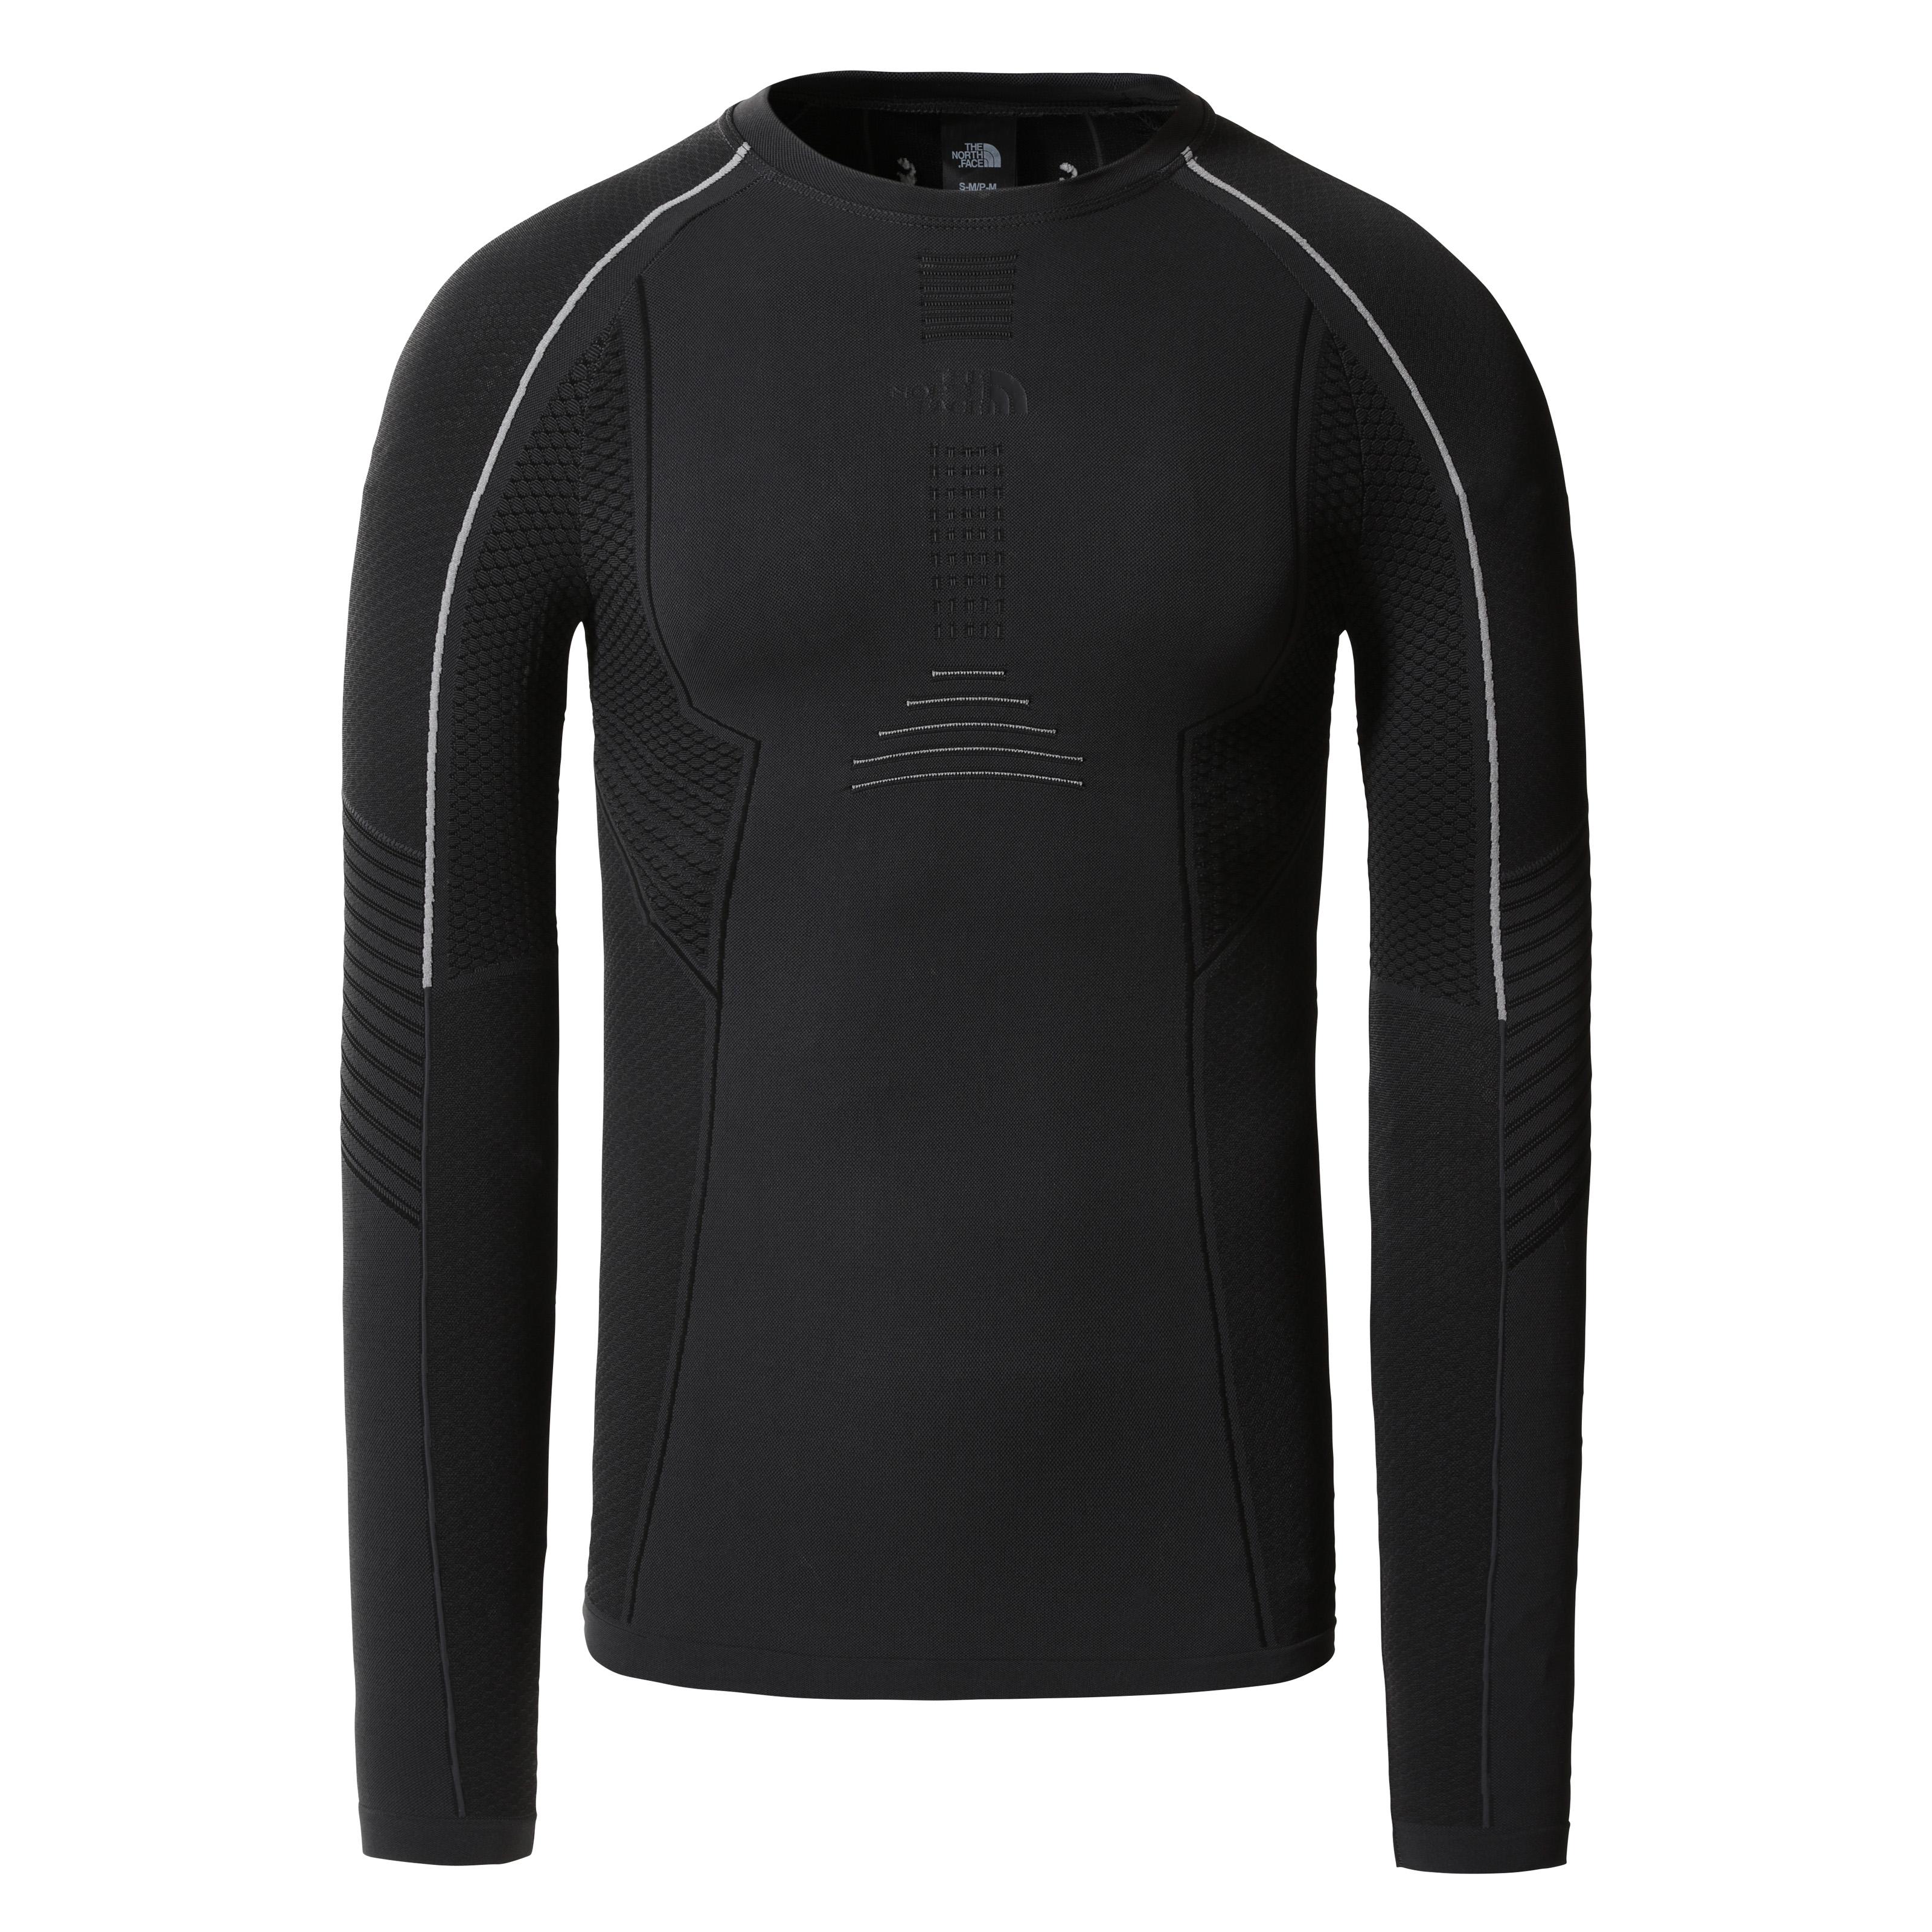 The North Face pánské funkční prádlo PÁNSKÉ FUNKČNÍ TRIČKO S DLOUHÝM RUKÁVEM PRO CREW NECK The North Face